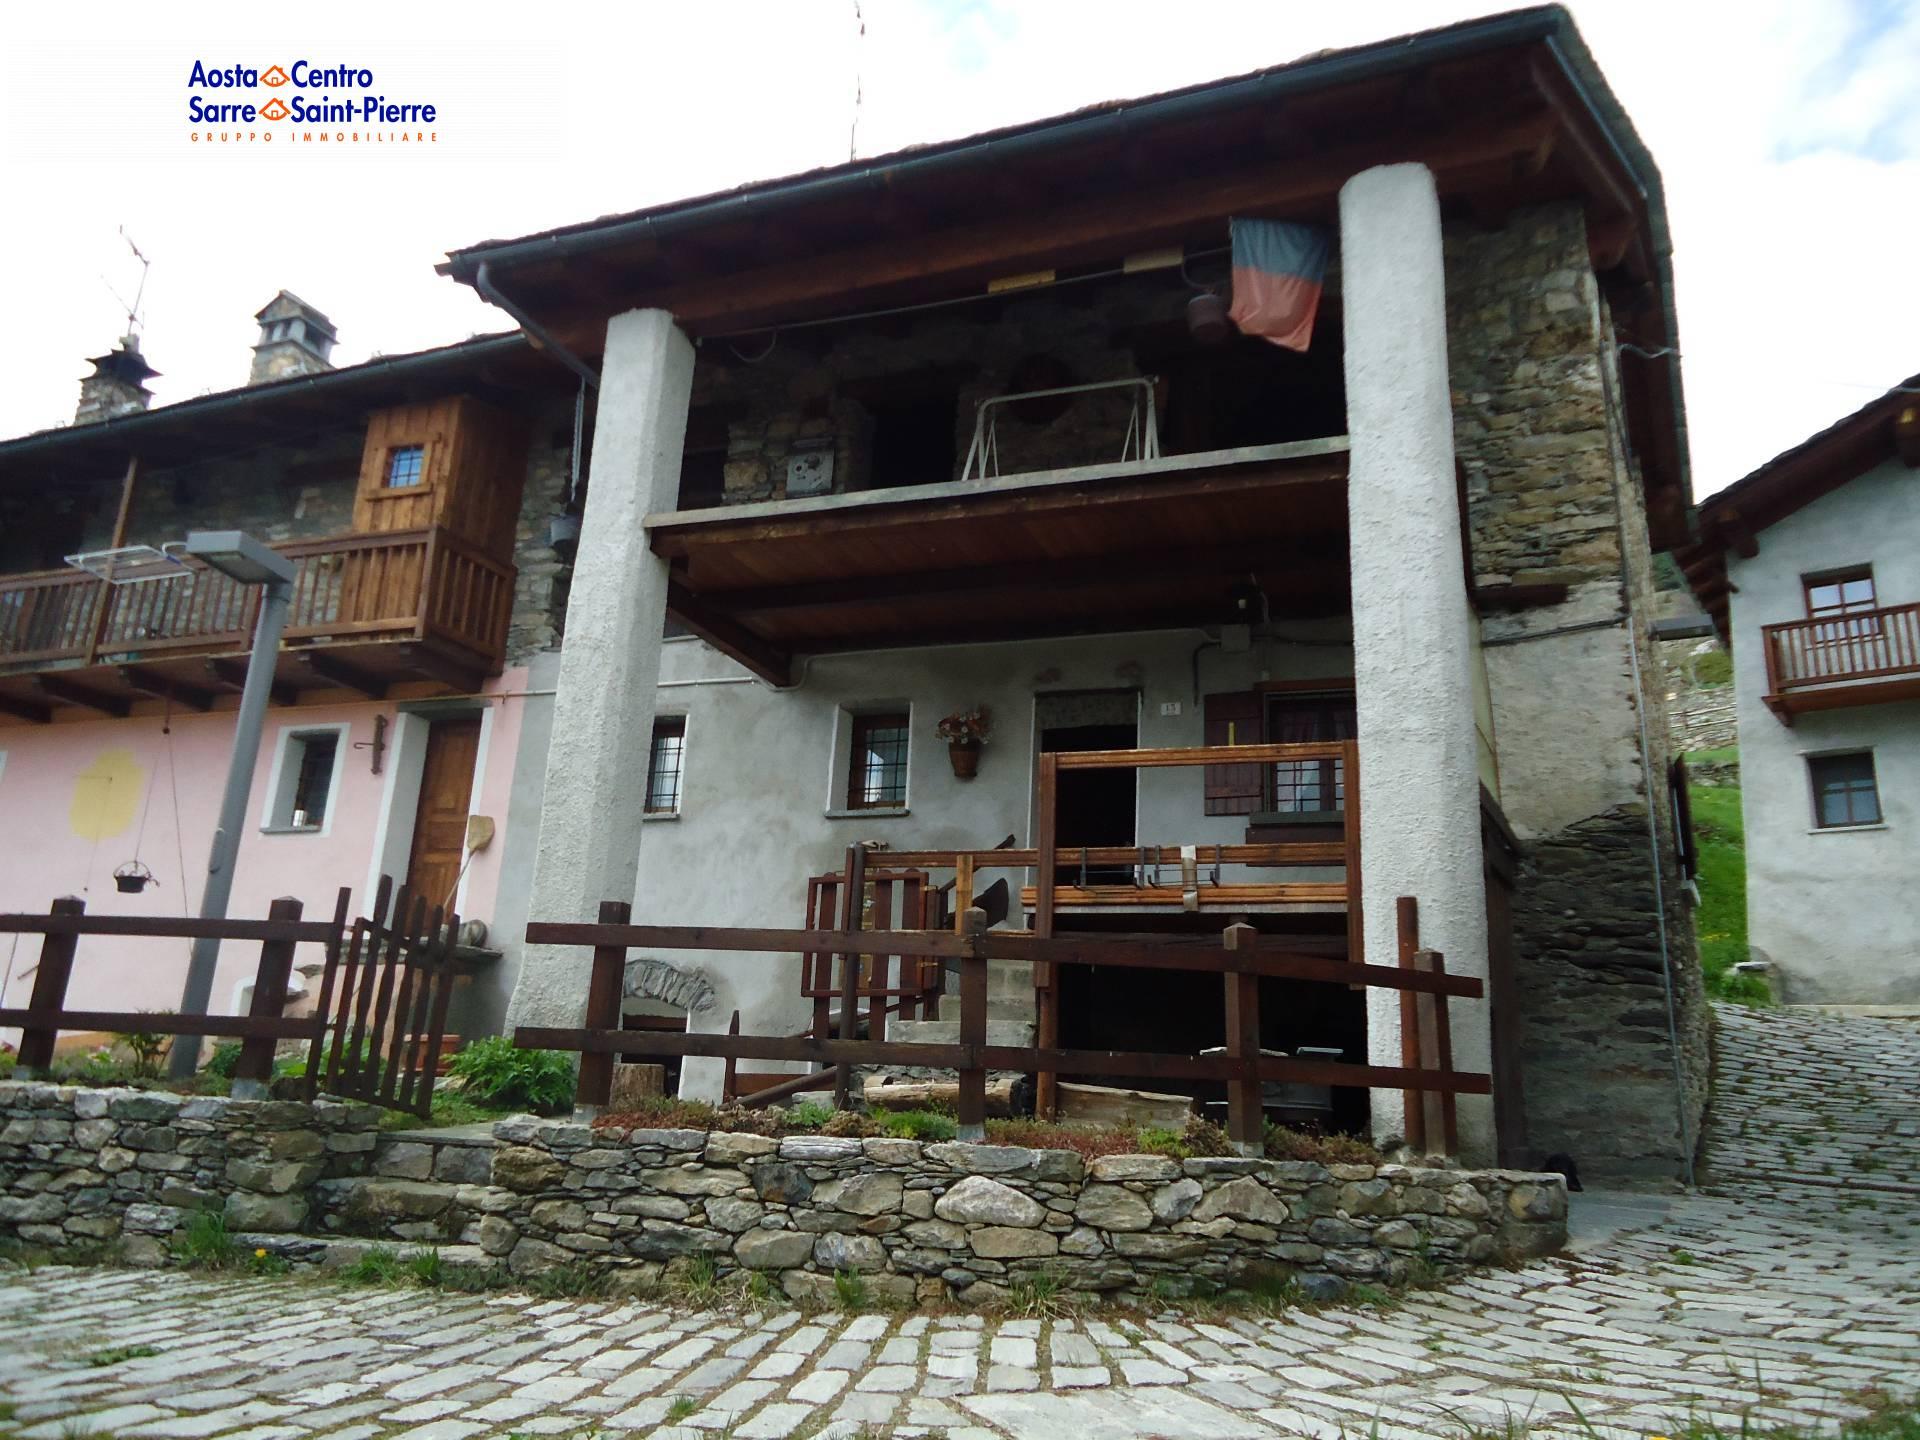 Rustico / Casale in vendita a Saint-Pierre, 3 locali, zona Località: Verrogne, prezzo € 80.000   PortaleAgenzieImmobiliari.it